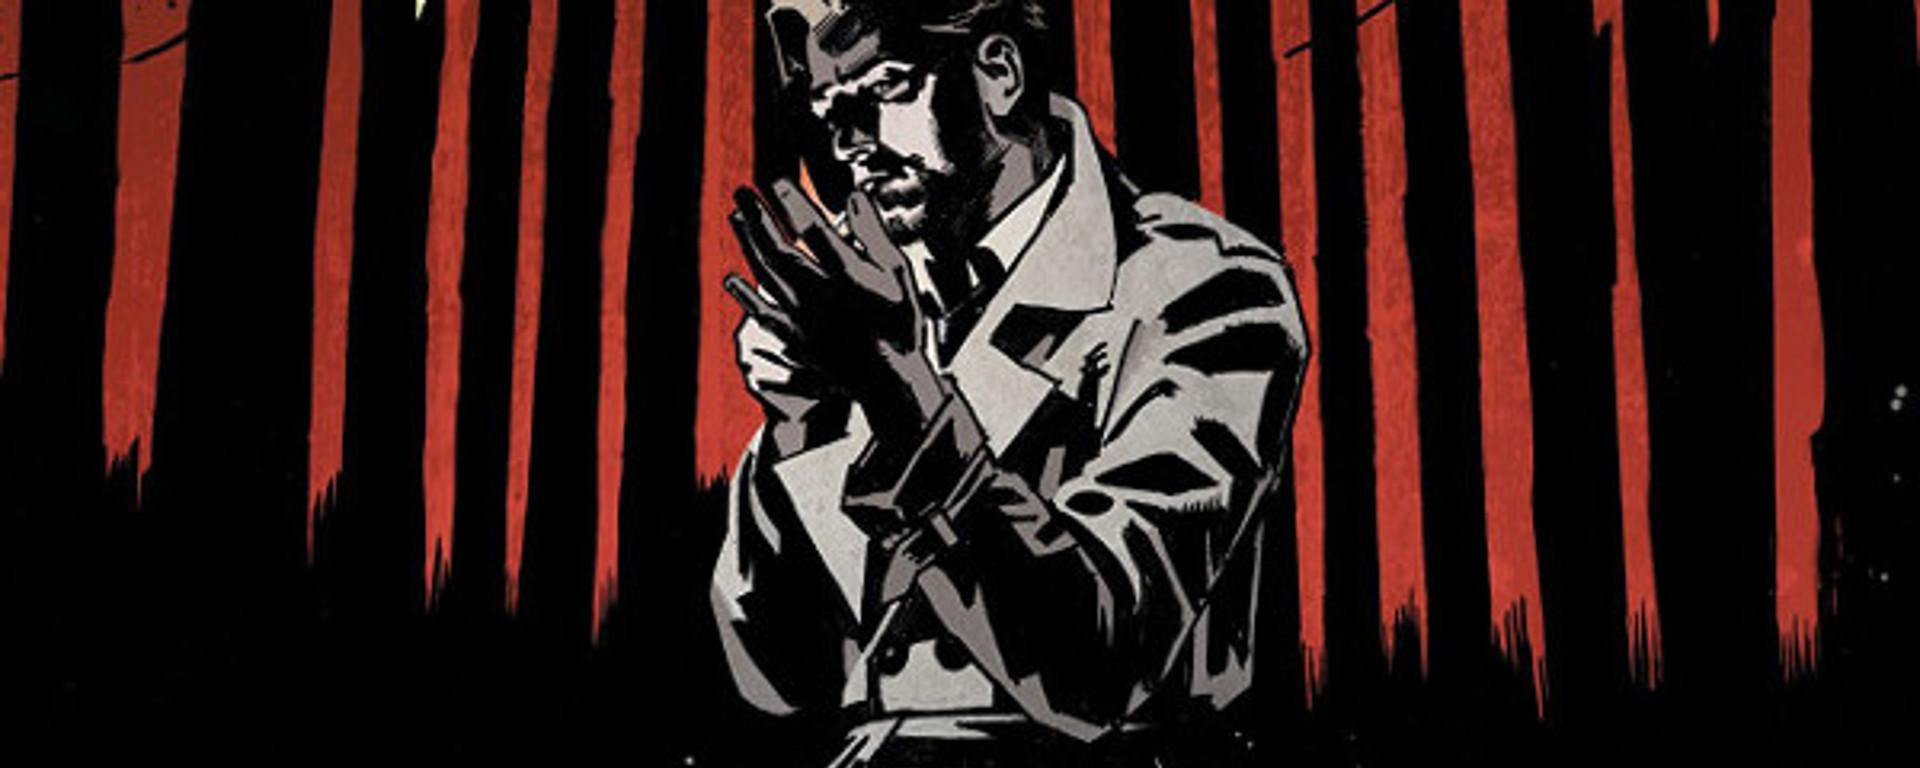 John Constantine Hellblazer #1 Header